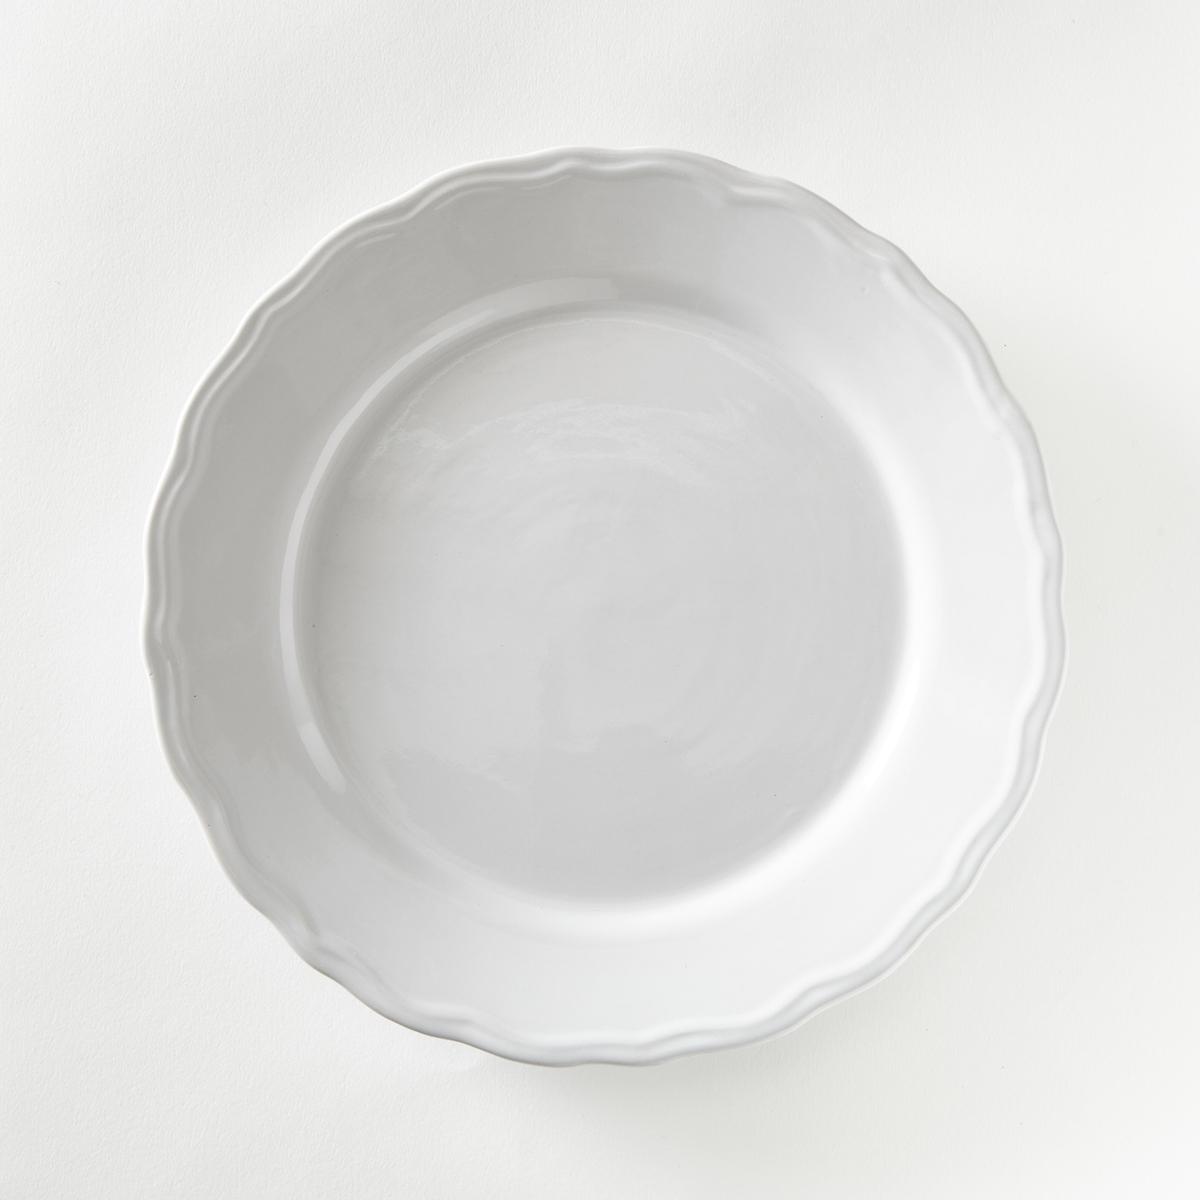 4 тарелки плоские с отделкой фестоном, Ajila4 тарелки плоские с отделкой фестонами . Завтрак, обед или ужин, La Redoute Int?rieurs Вас приглашает к столу .Характеристики 4 тарелок плоских с отделкой фестоном Ajila :- Из фаянса, зубчатая кромка.- Диаметр 26,5 см  .- Можно использовать в посудомоечных машинах и микроволновых печах.Десертные и глубокие тарелки,чашки, кружки и блюдца Ajila продаются на нашем сайте.<br><br>Цвет: белый,серо-коричневый